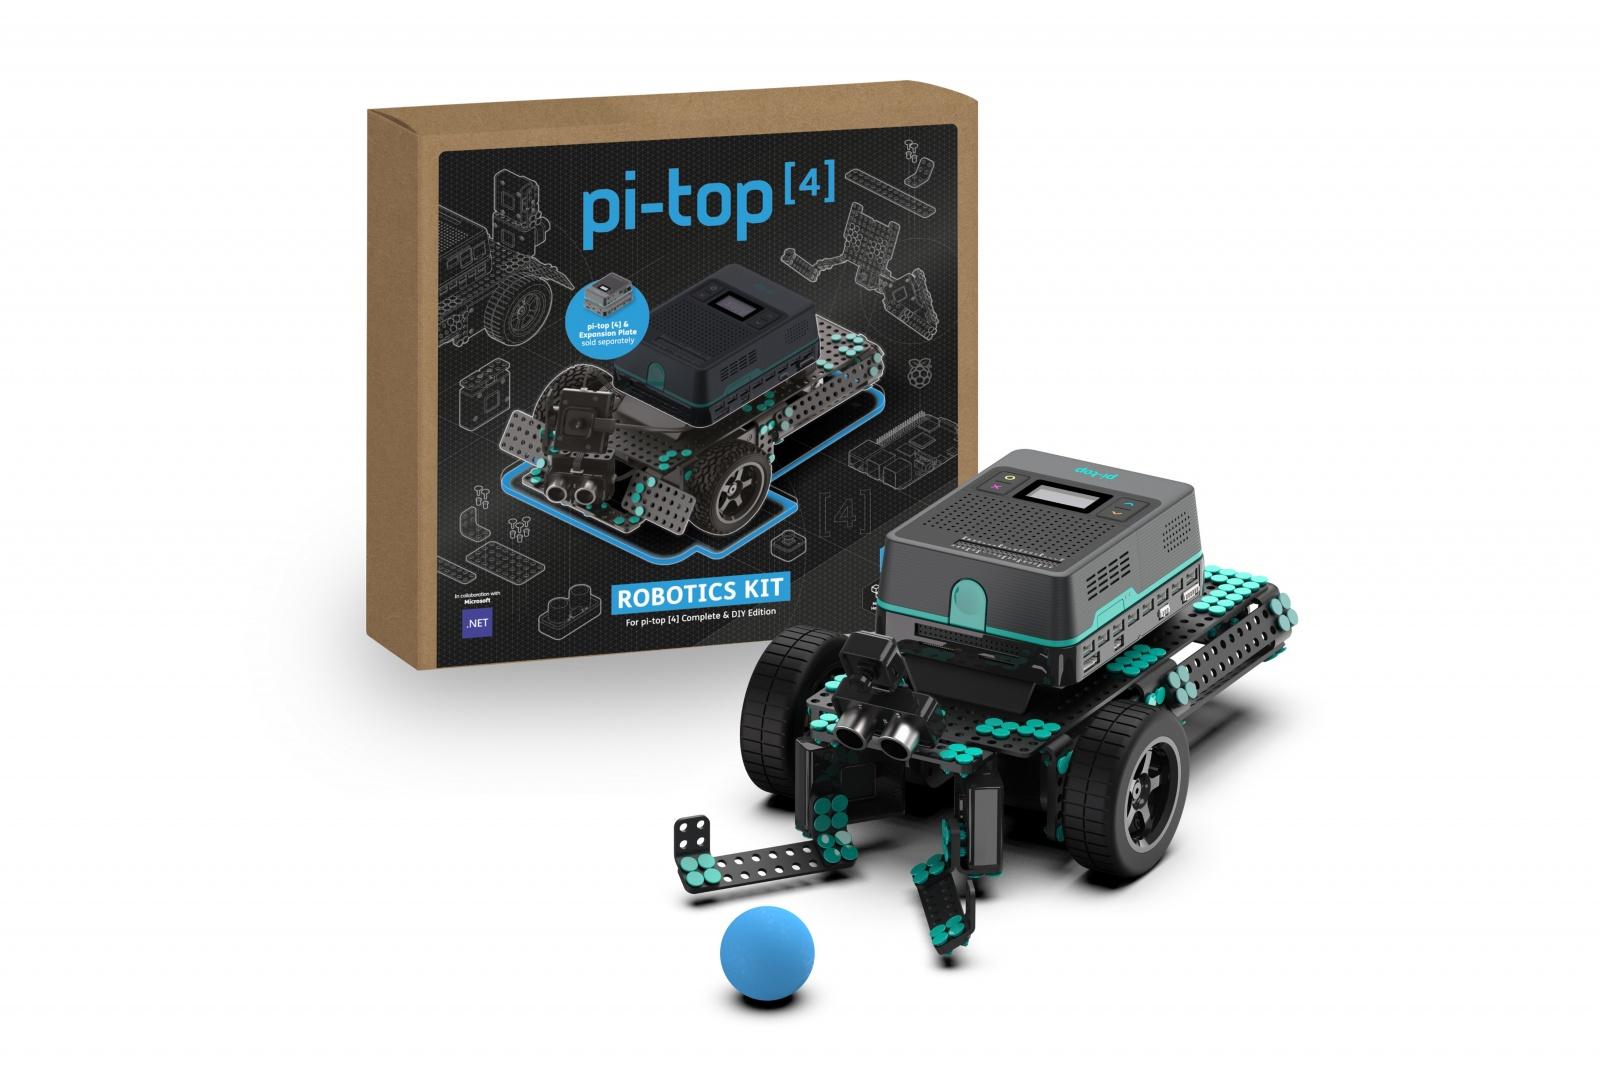 pi-top [4] — конструктор роботов для детей и взрослых на основе Raspberry Pi - 2